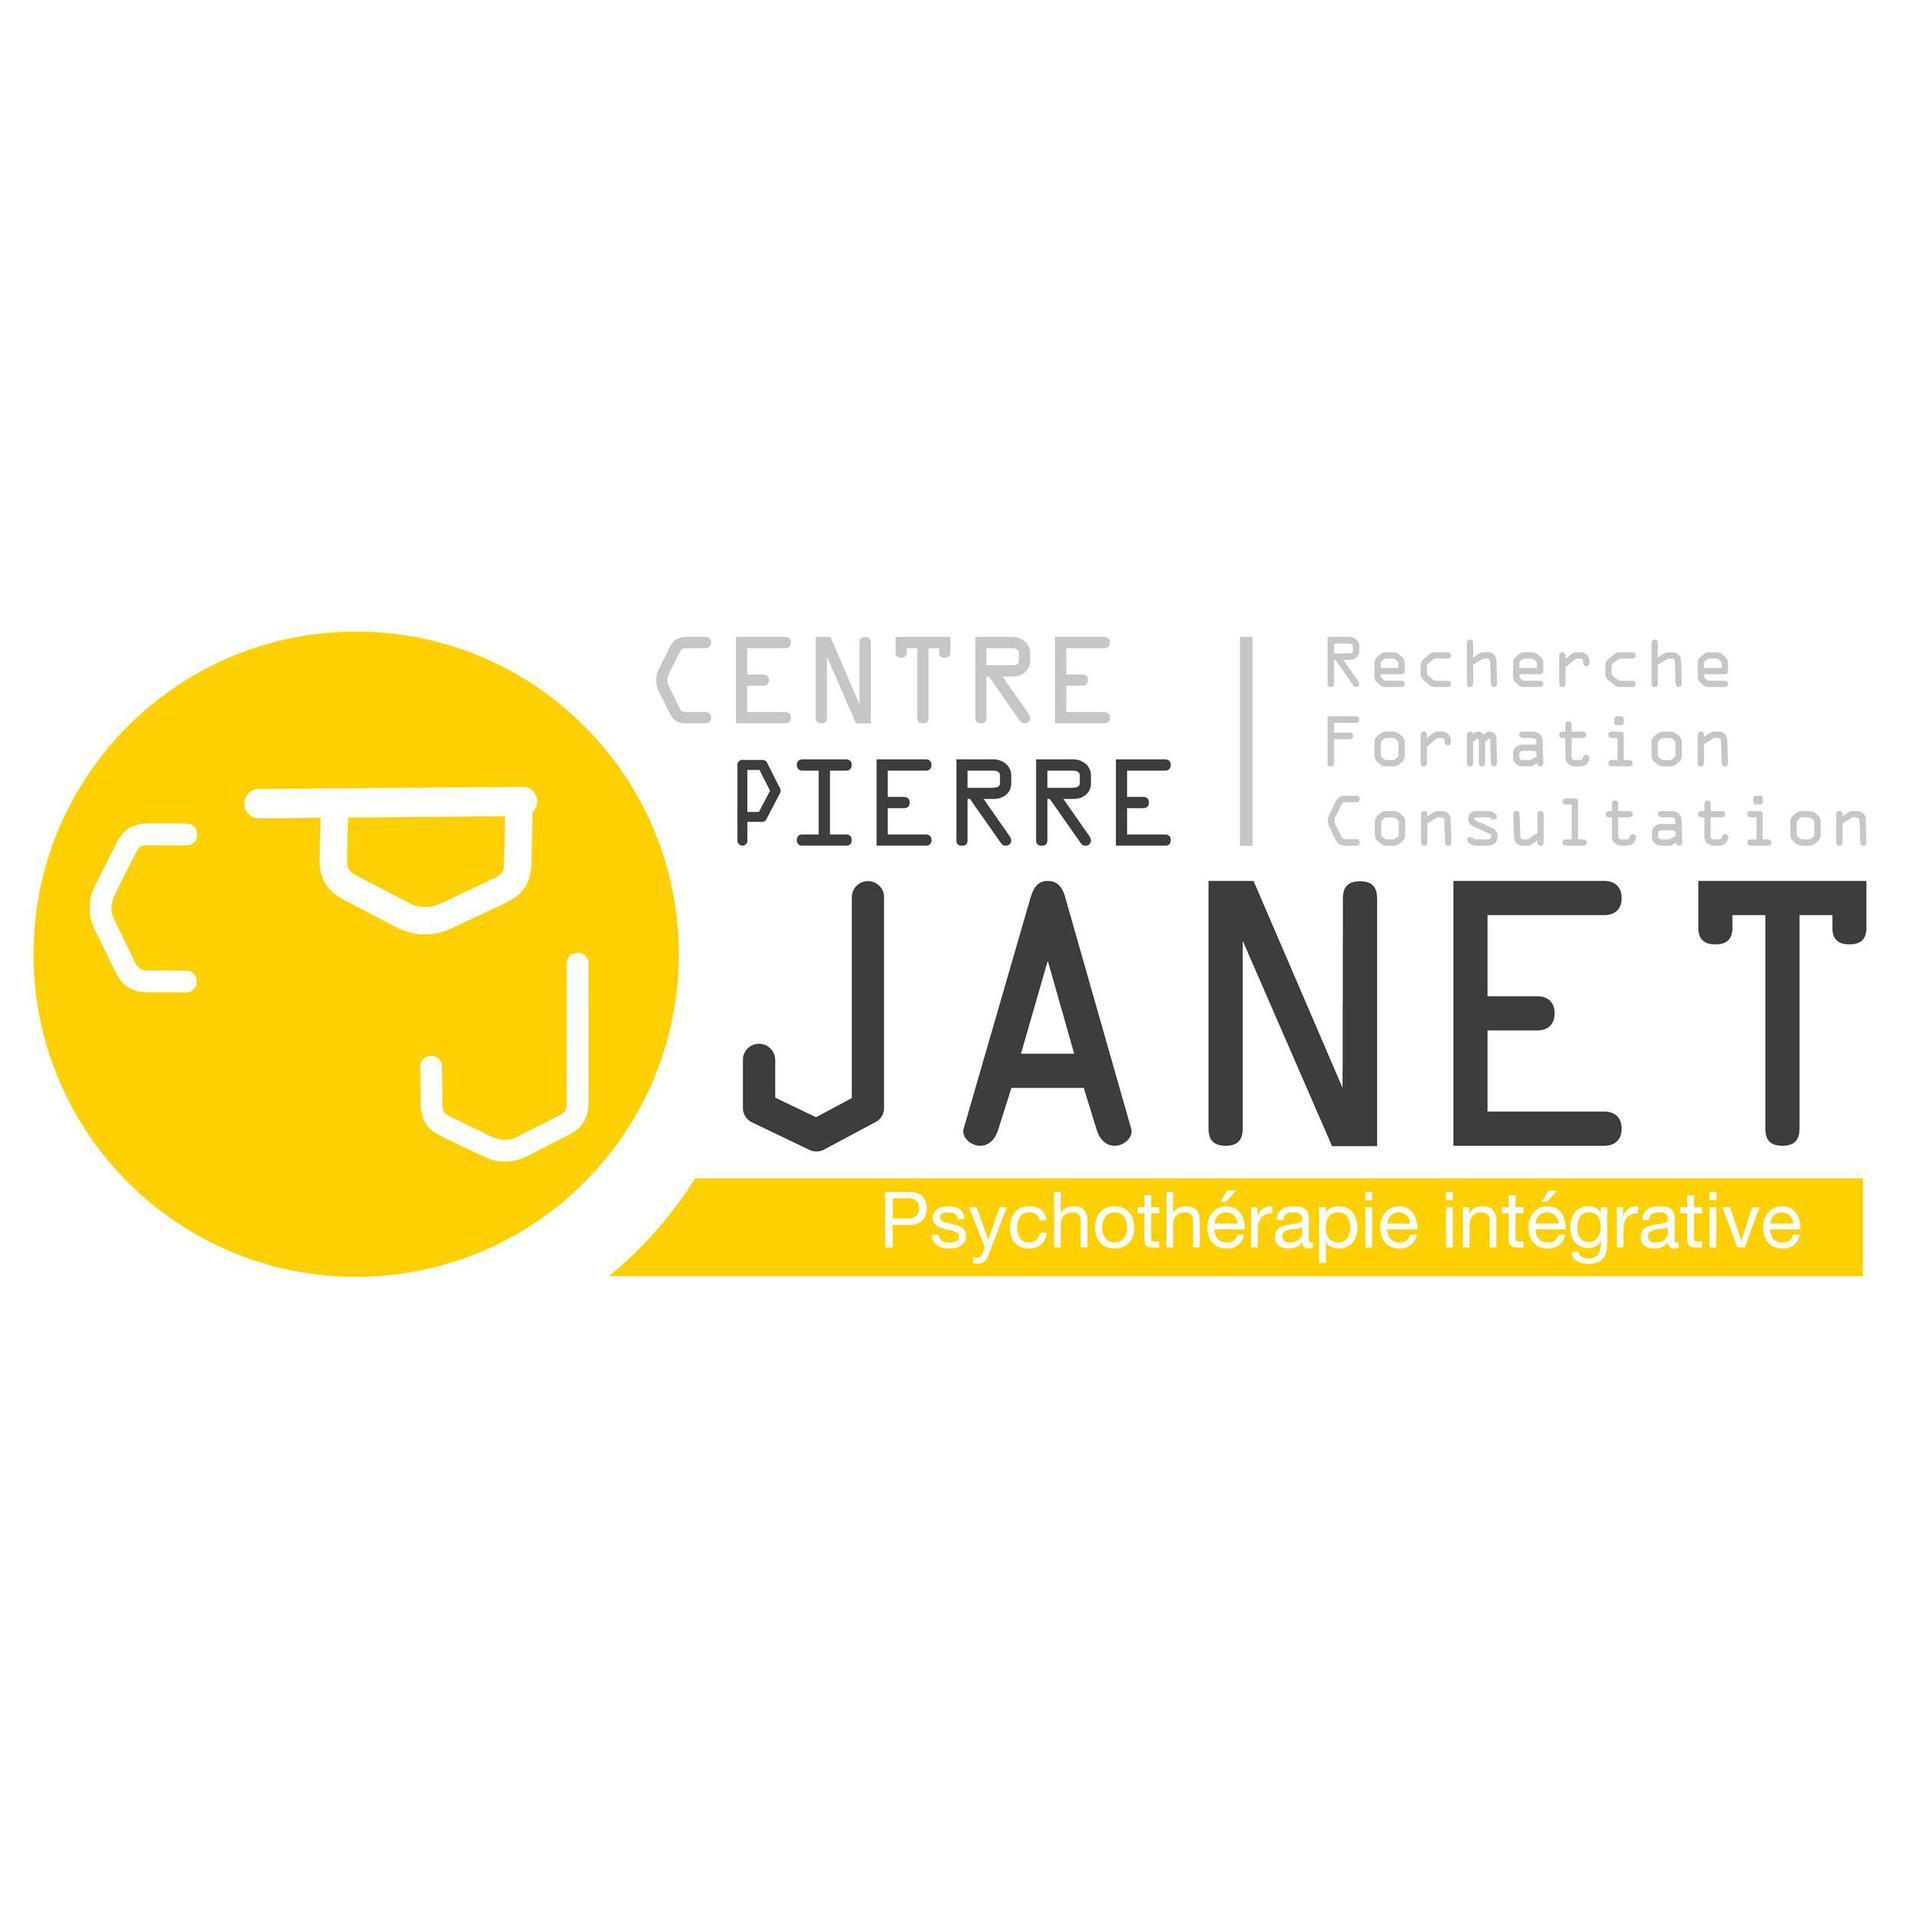 Centre Pierre Janet psychologue